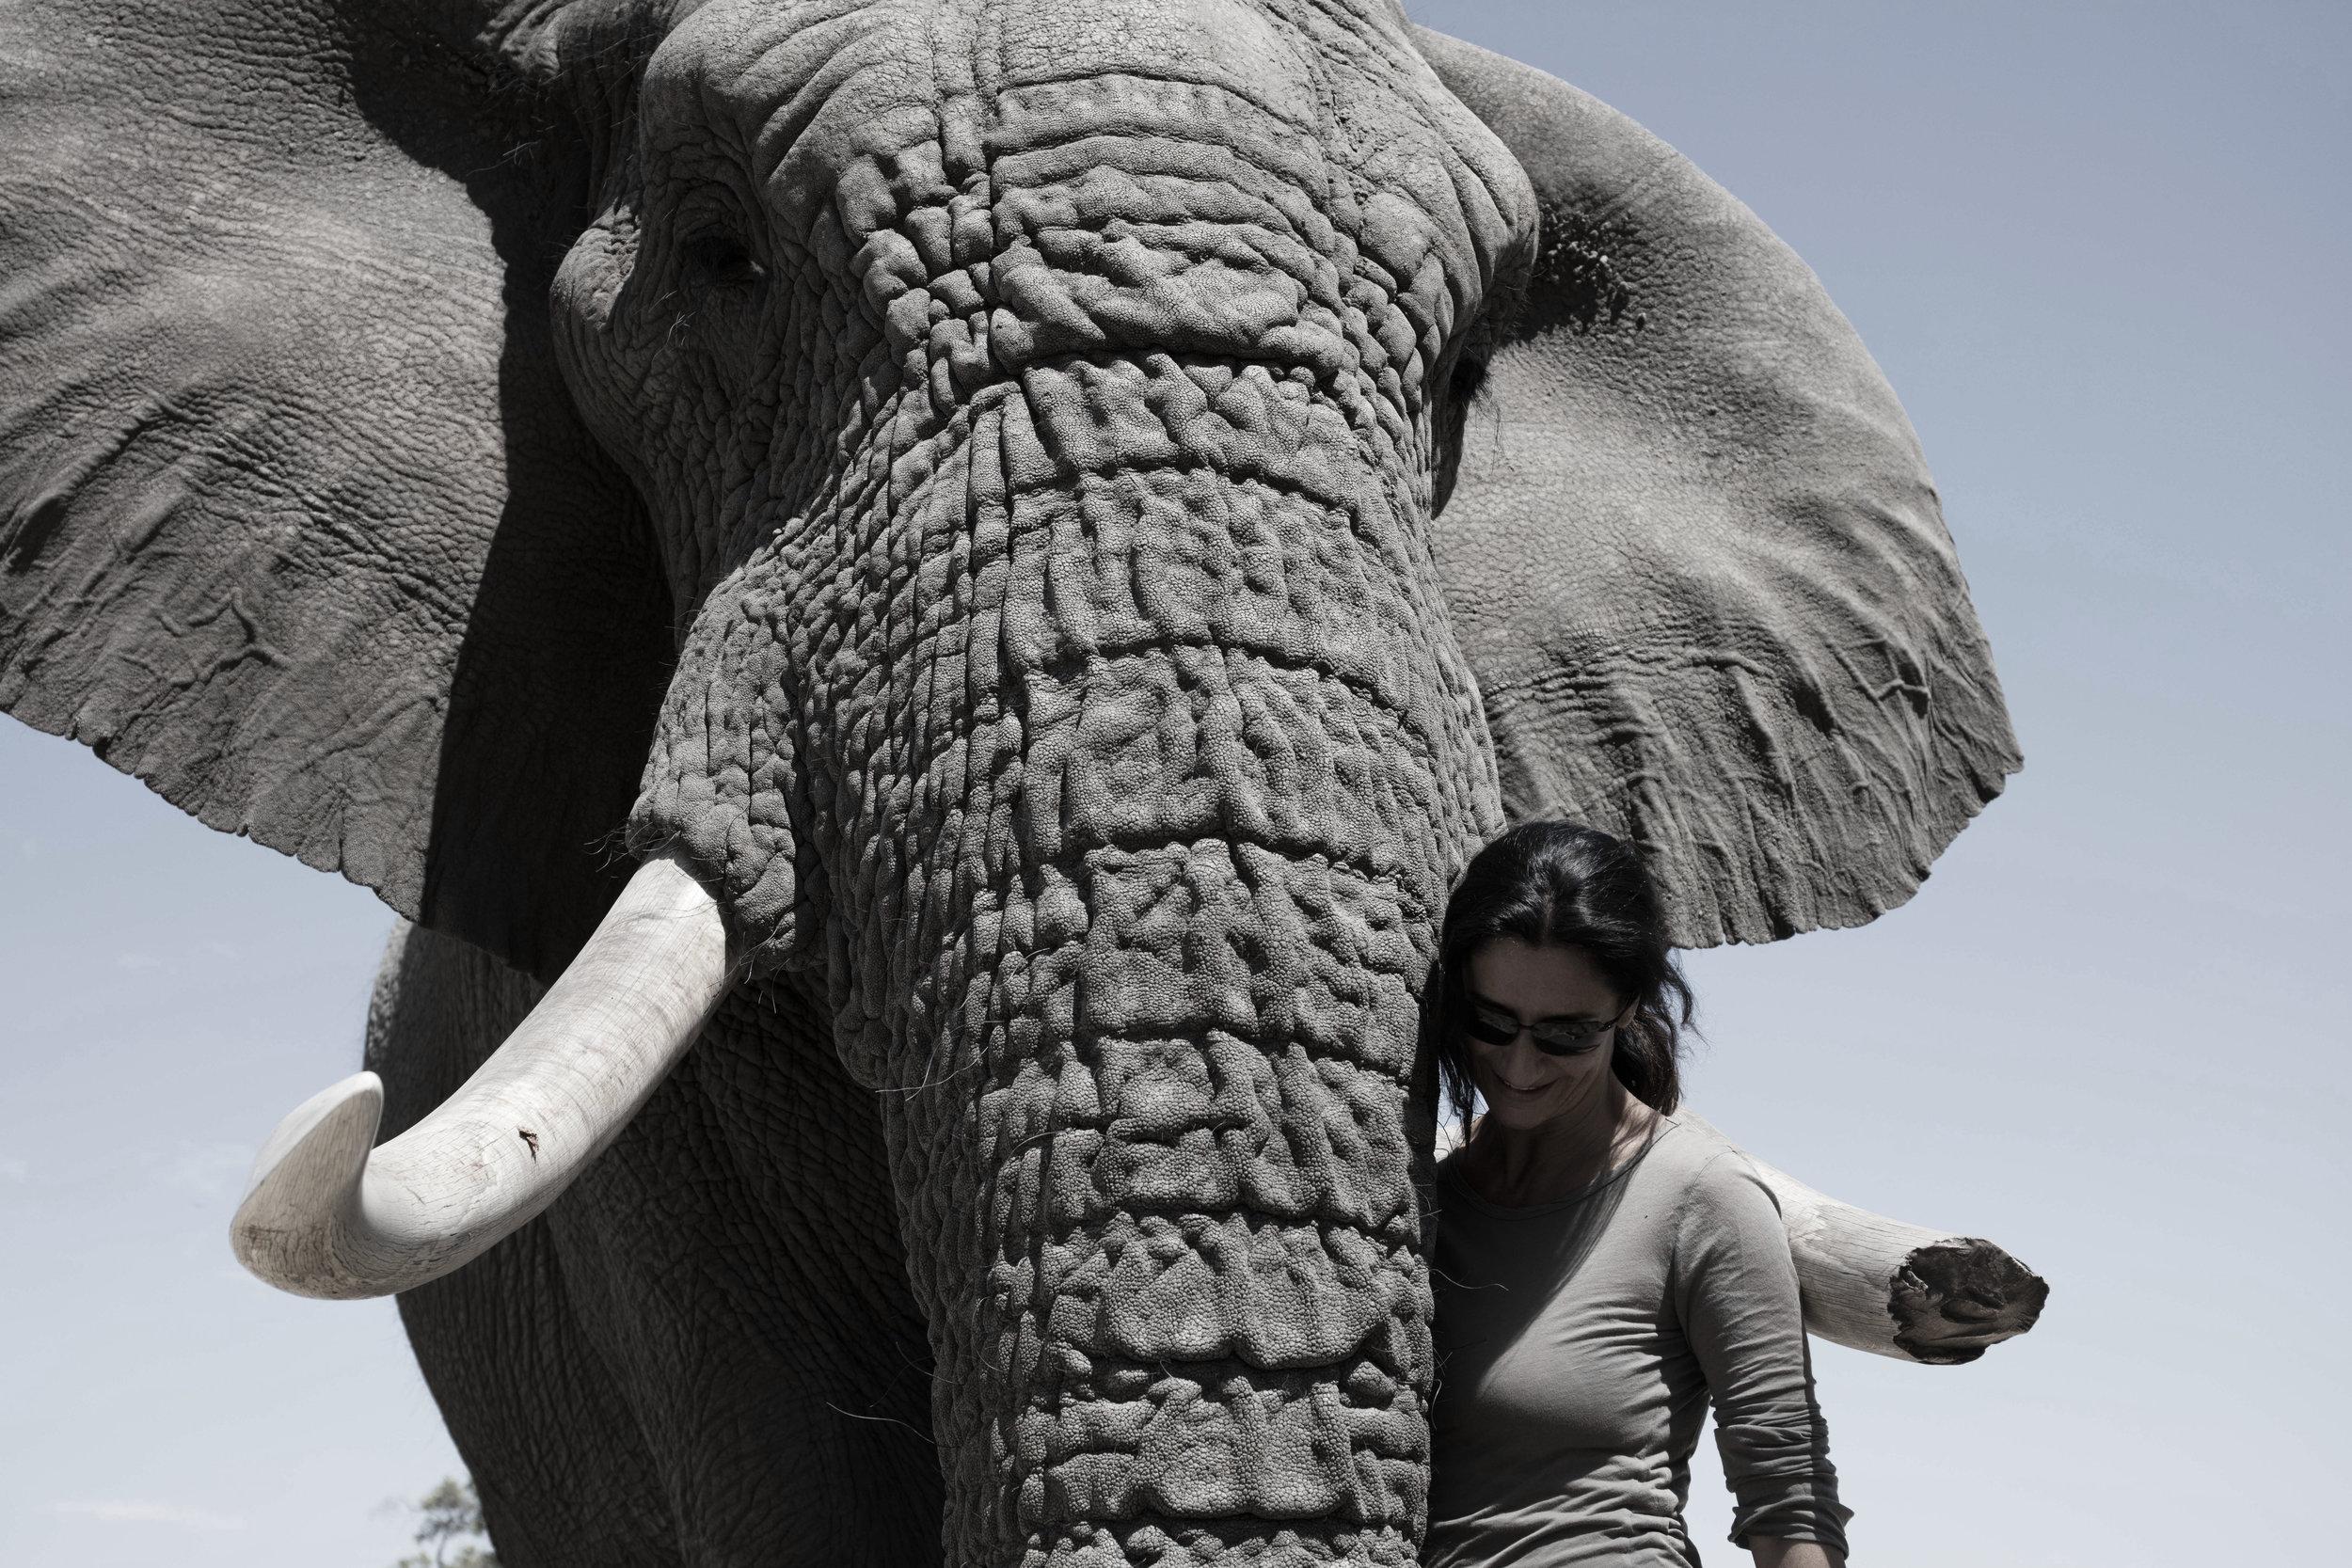 zana and elephant.jpg